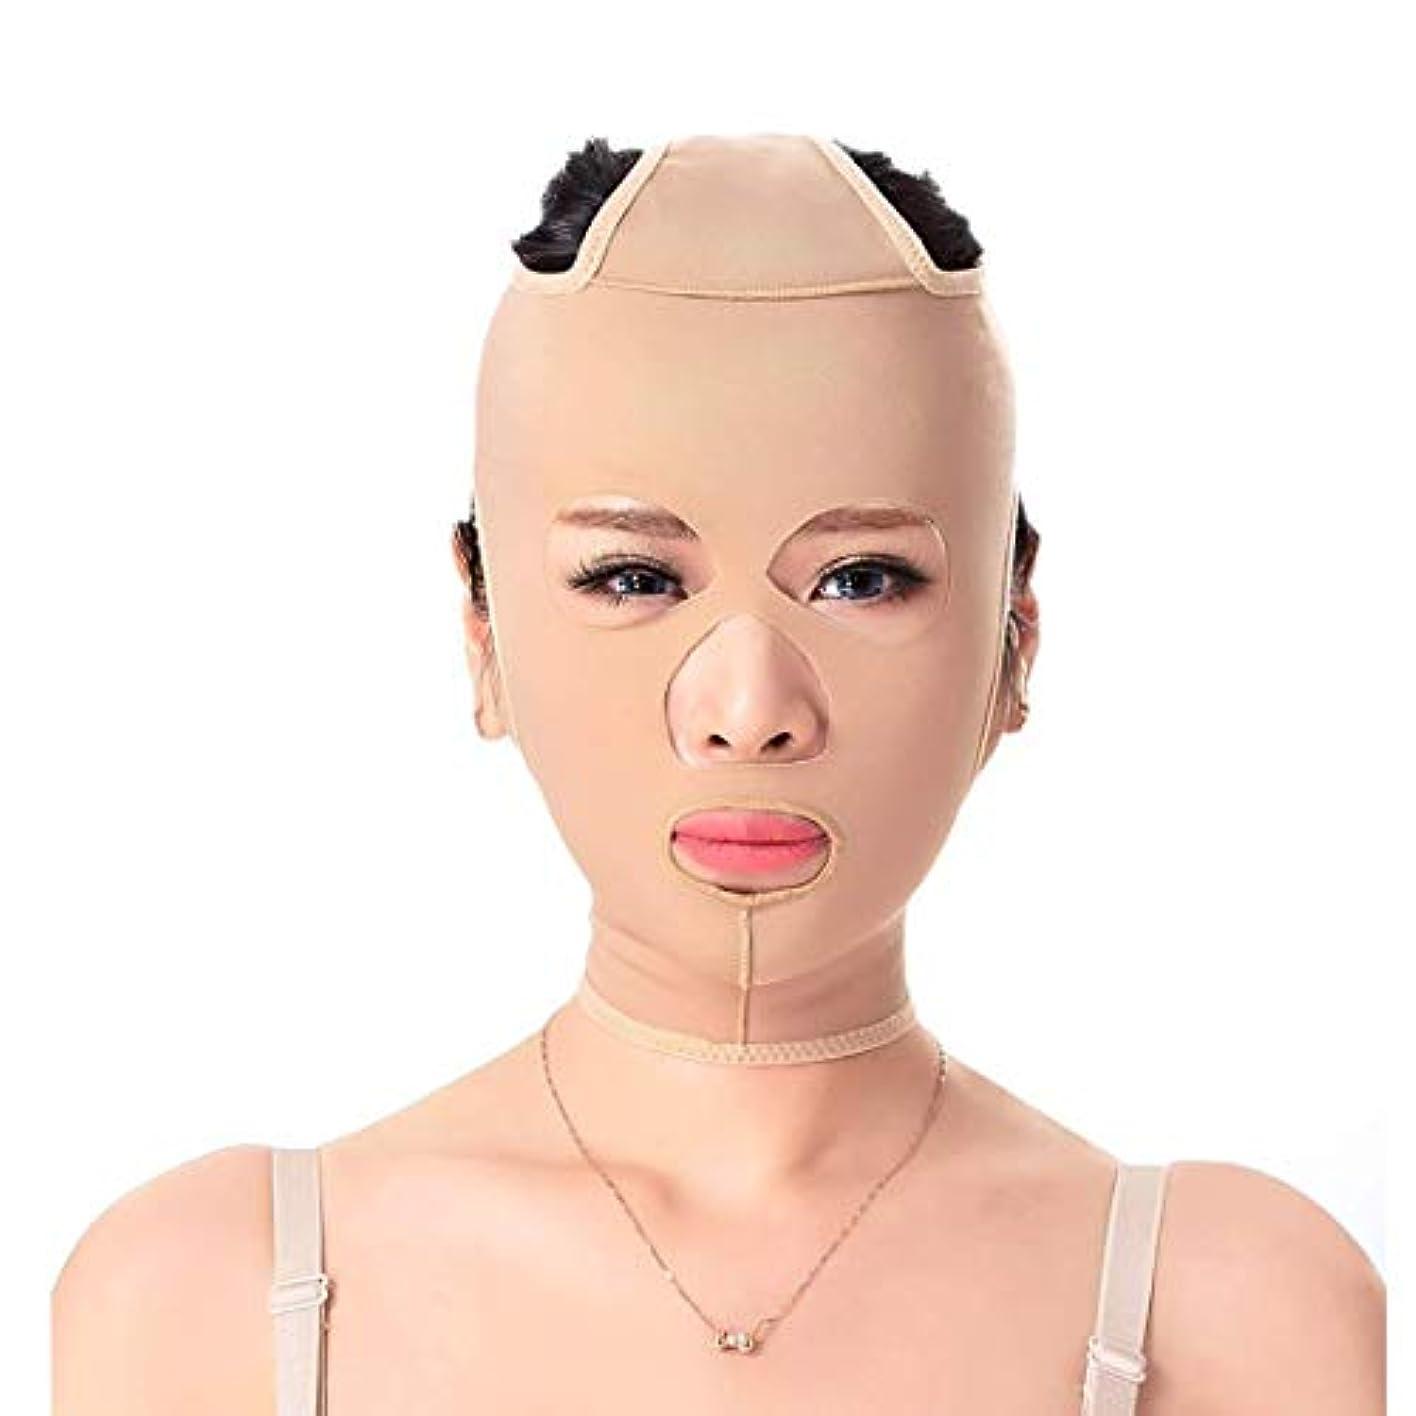 ふさわしい誇りに思う種Slim身ベルト、フェイシャルマスクフェイスプラスチック顔Arを引き締めるダブルあごを持ち上げるパターンを布布する薄いフェイスマスクtifactパワフルフェイスバンデージ(サイズ:M)